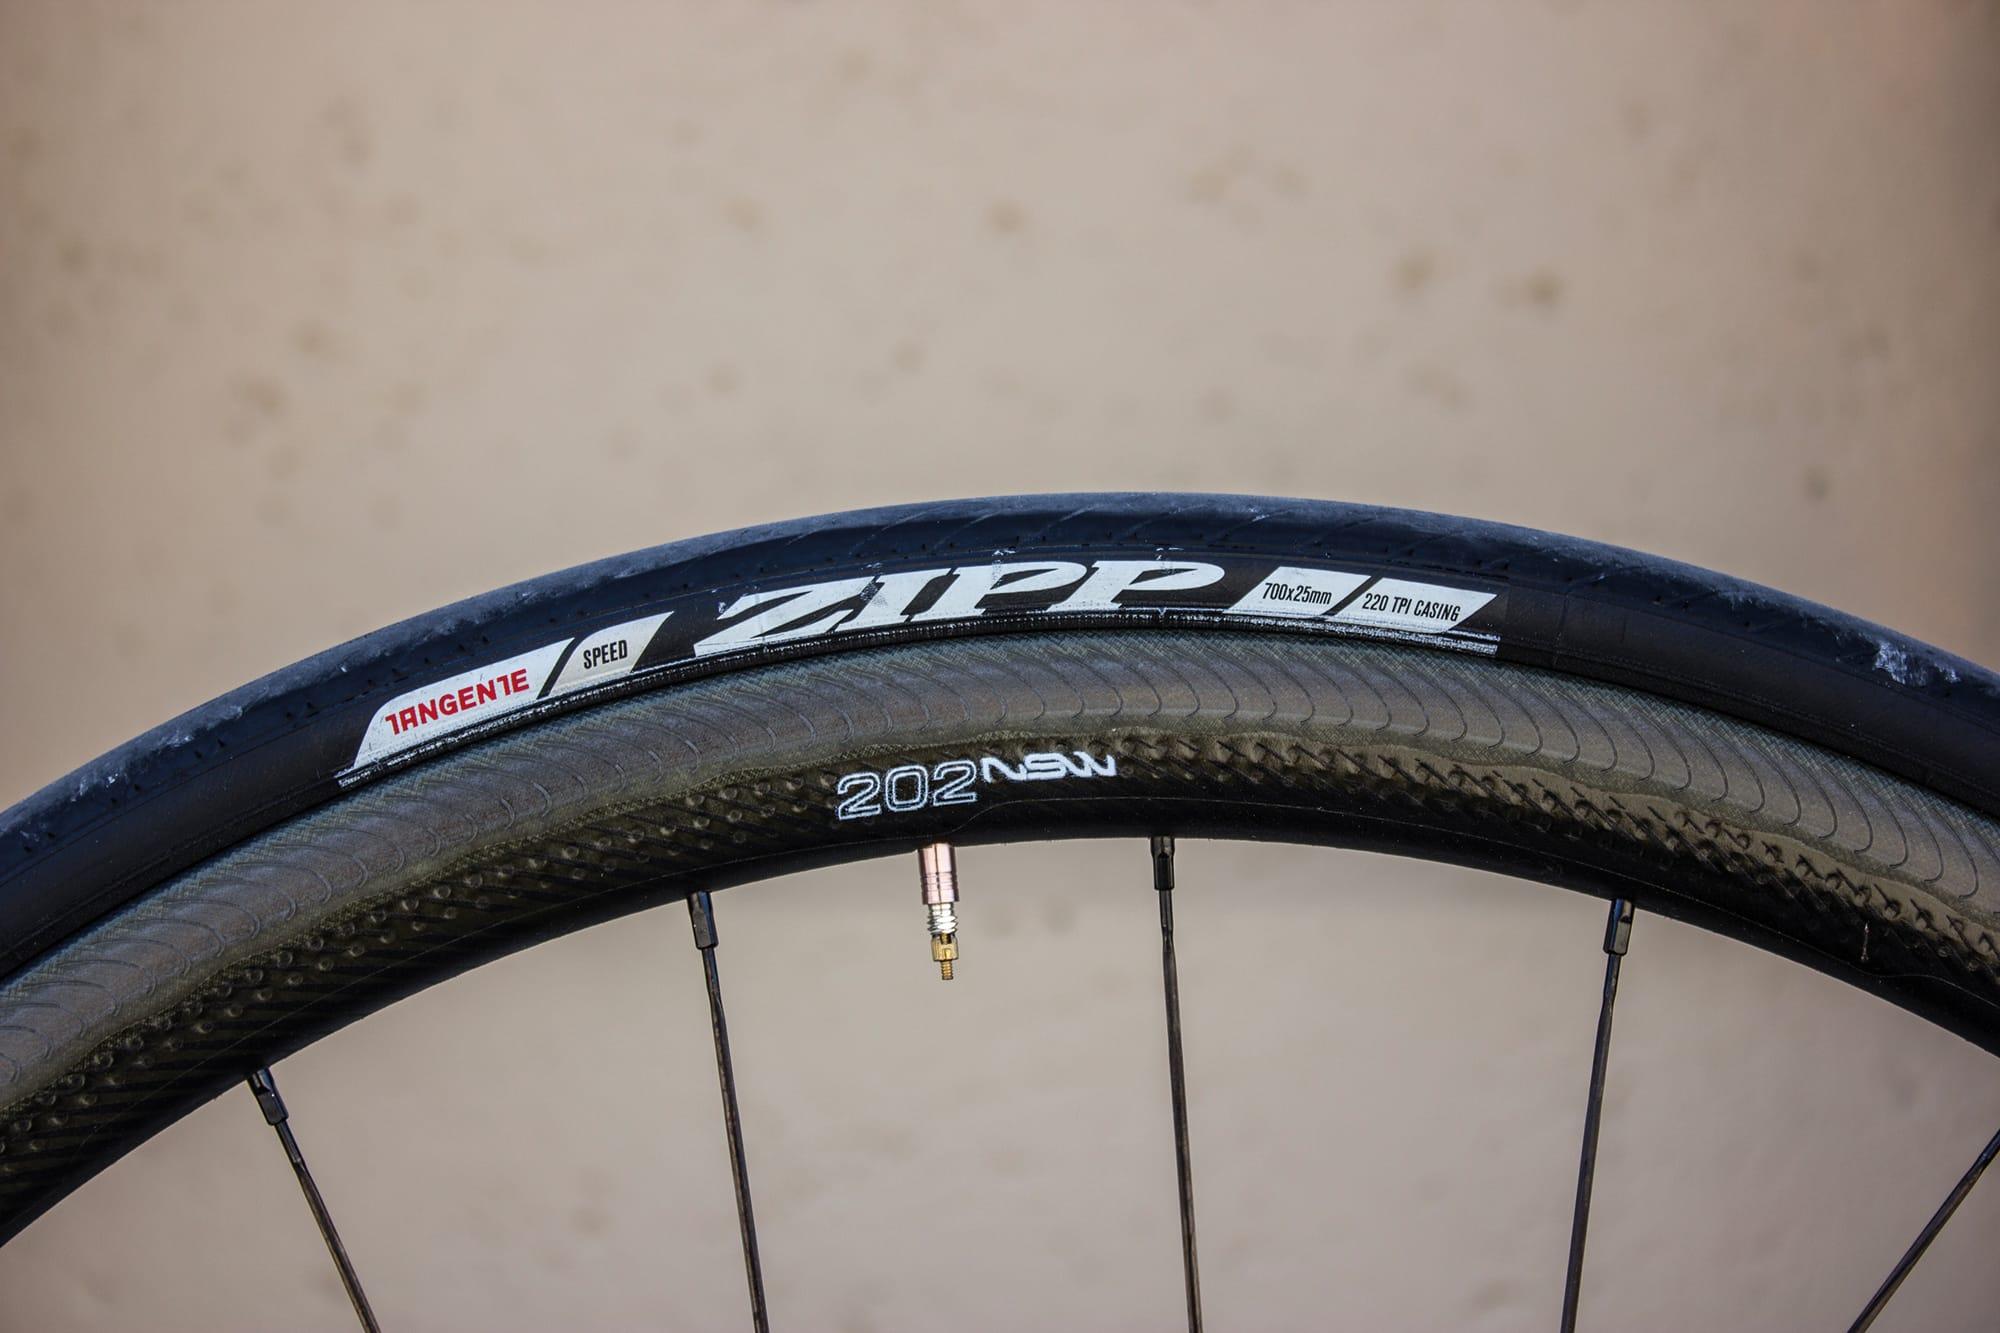 Zipp 202 NSW Carbon Clincher – La roue de montagne aéro !